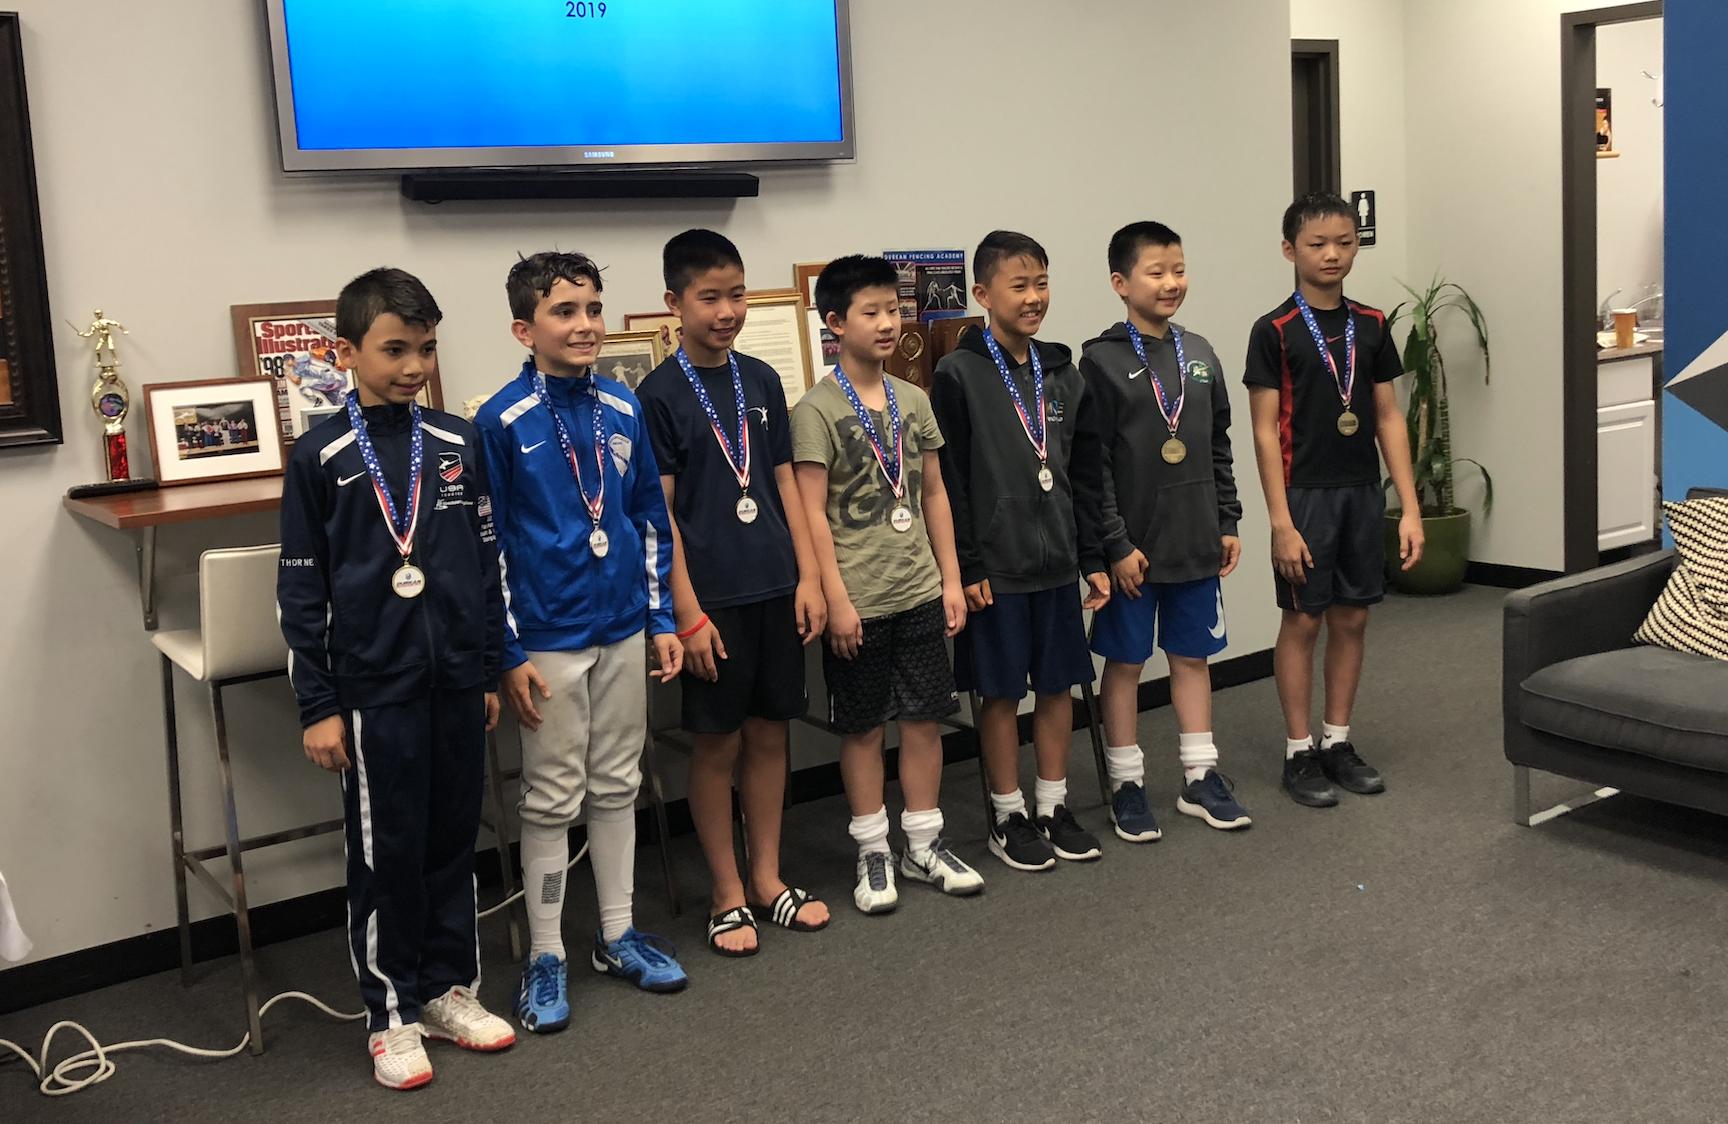 Durkan Fencing Academy RYC    Sebastian Garcia 2nd place Y12 Mens Foil  August 18th 2019